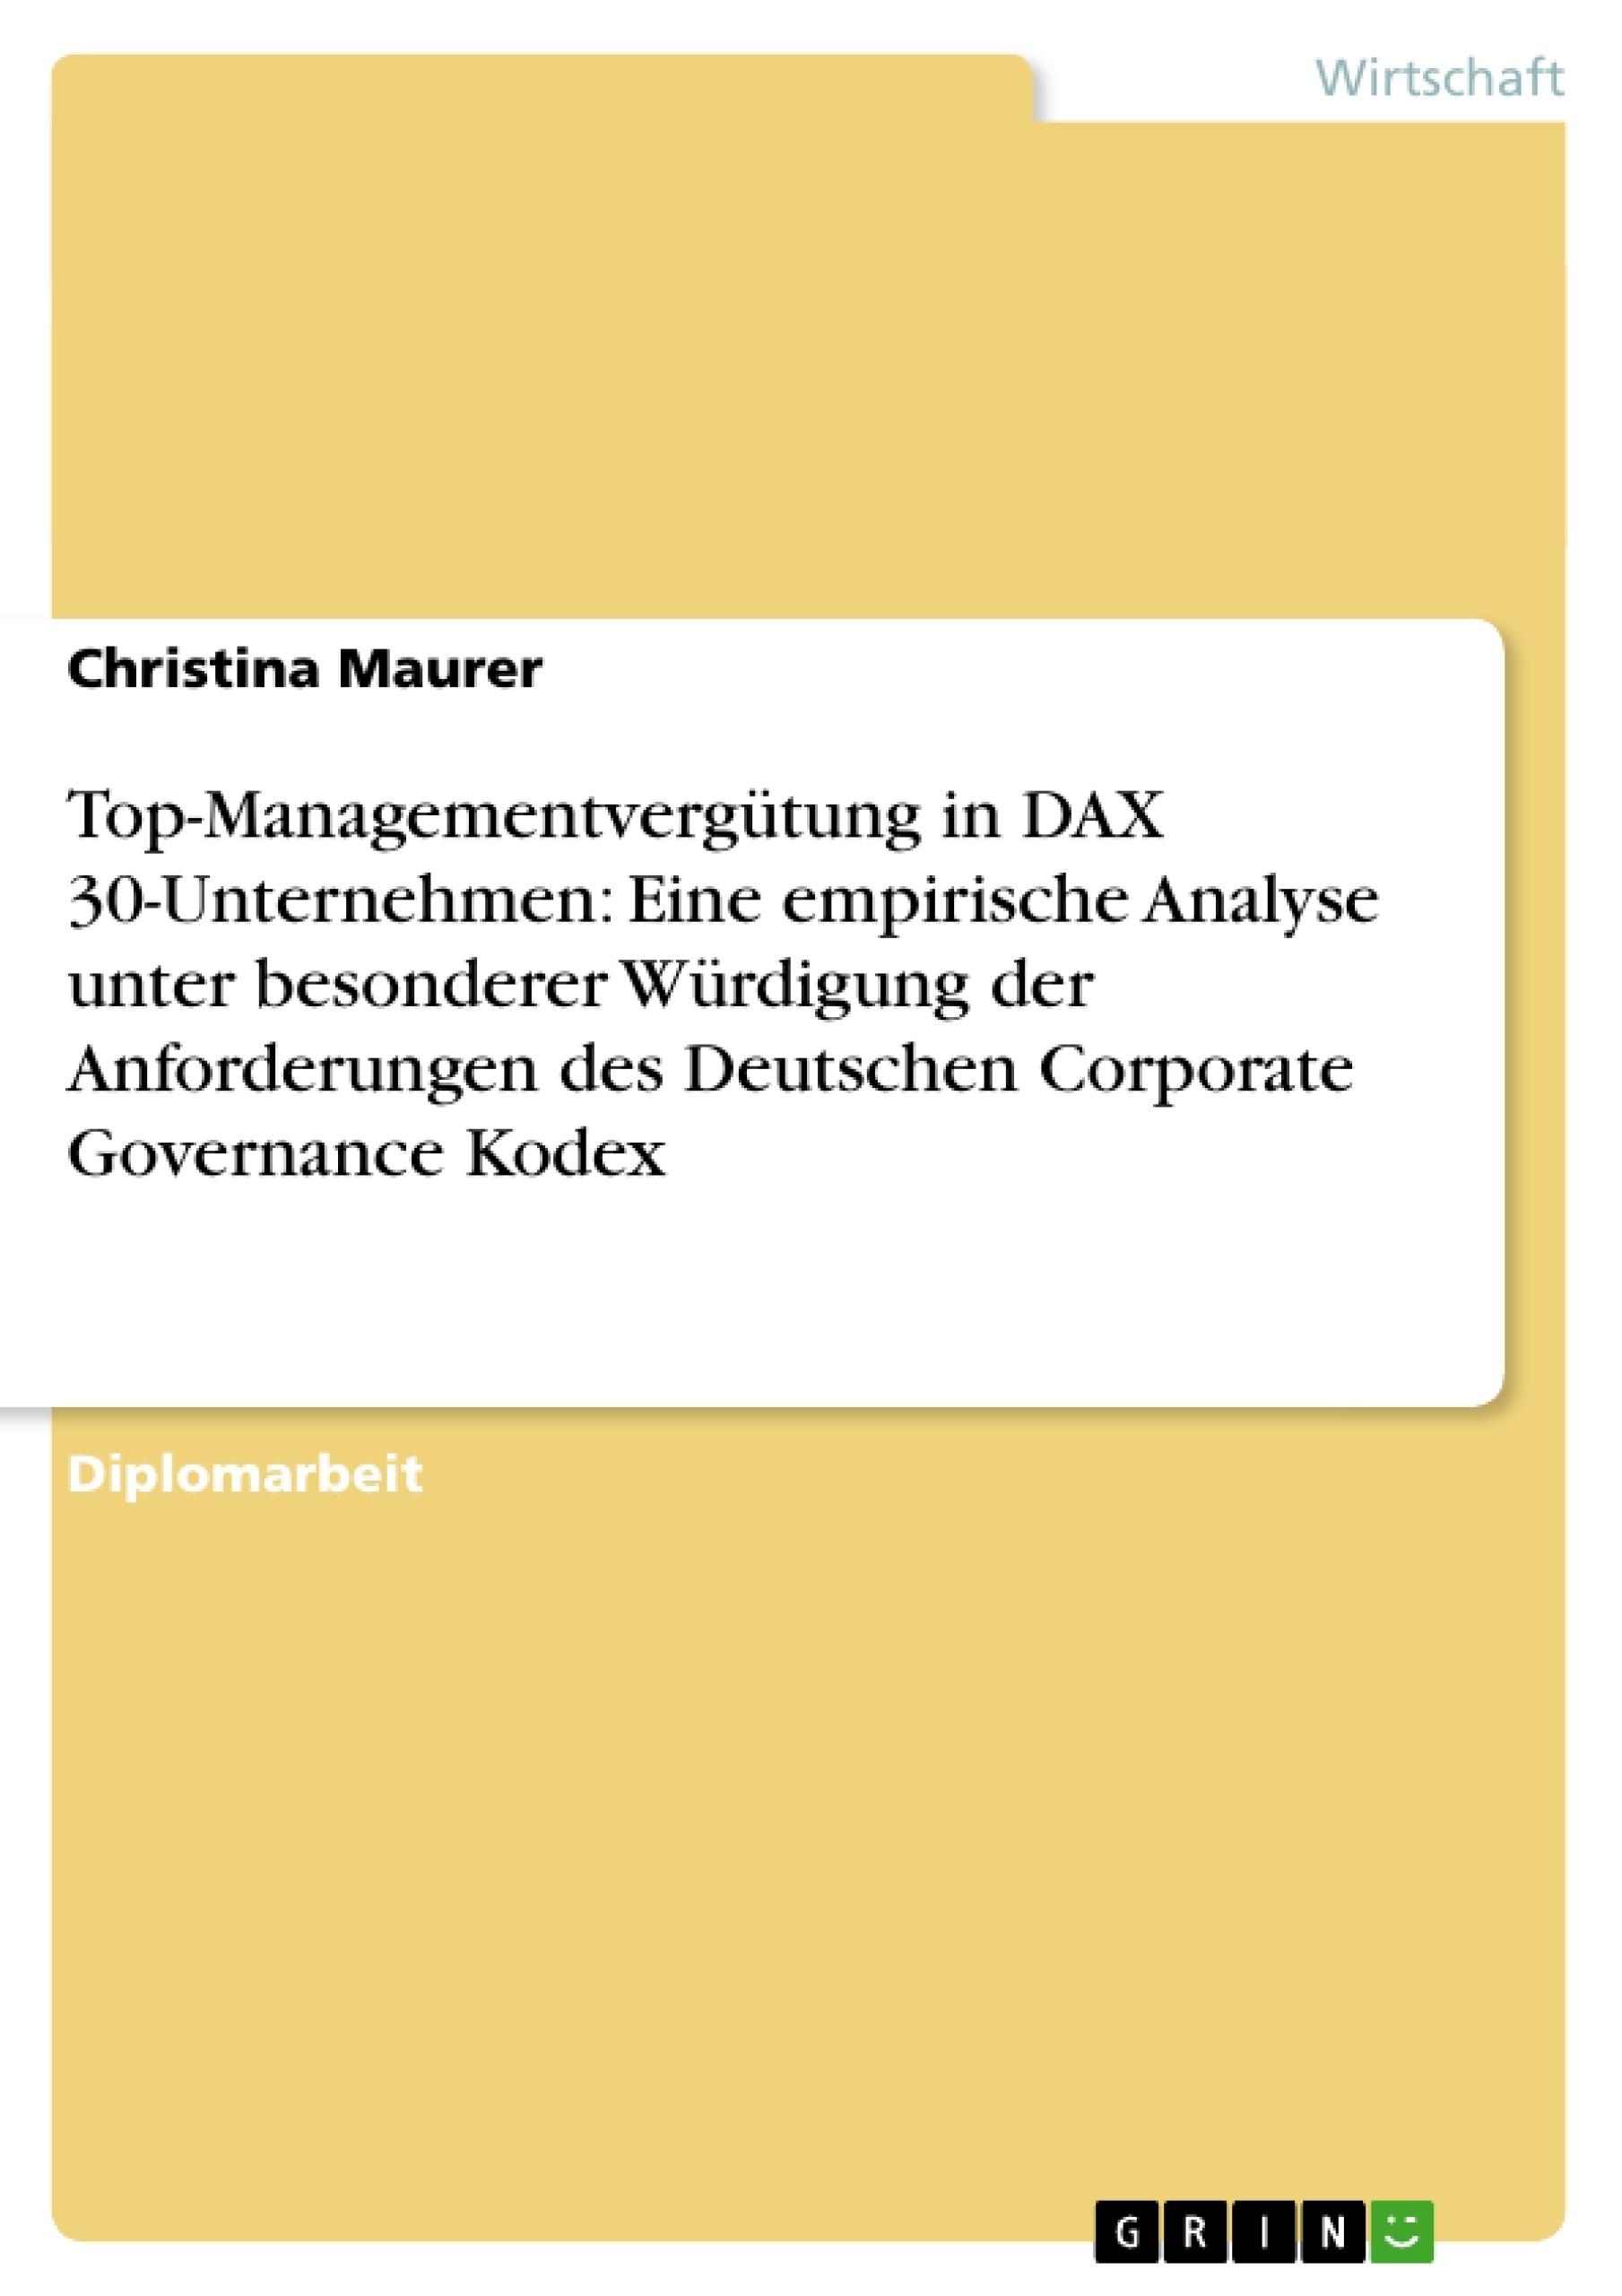 Titel: Top-Managementvergütung in DAX 30-Unternehmen: Eine empirische Analyse unter besonderer Würdigung der Anforderungen des Deutschen Corporate Governance Kodex